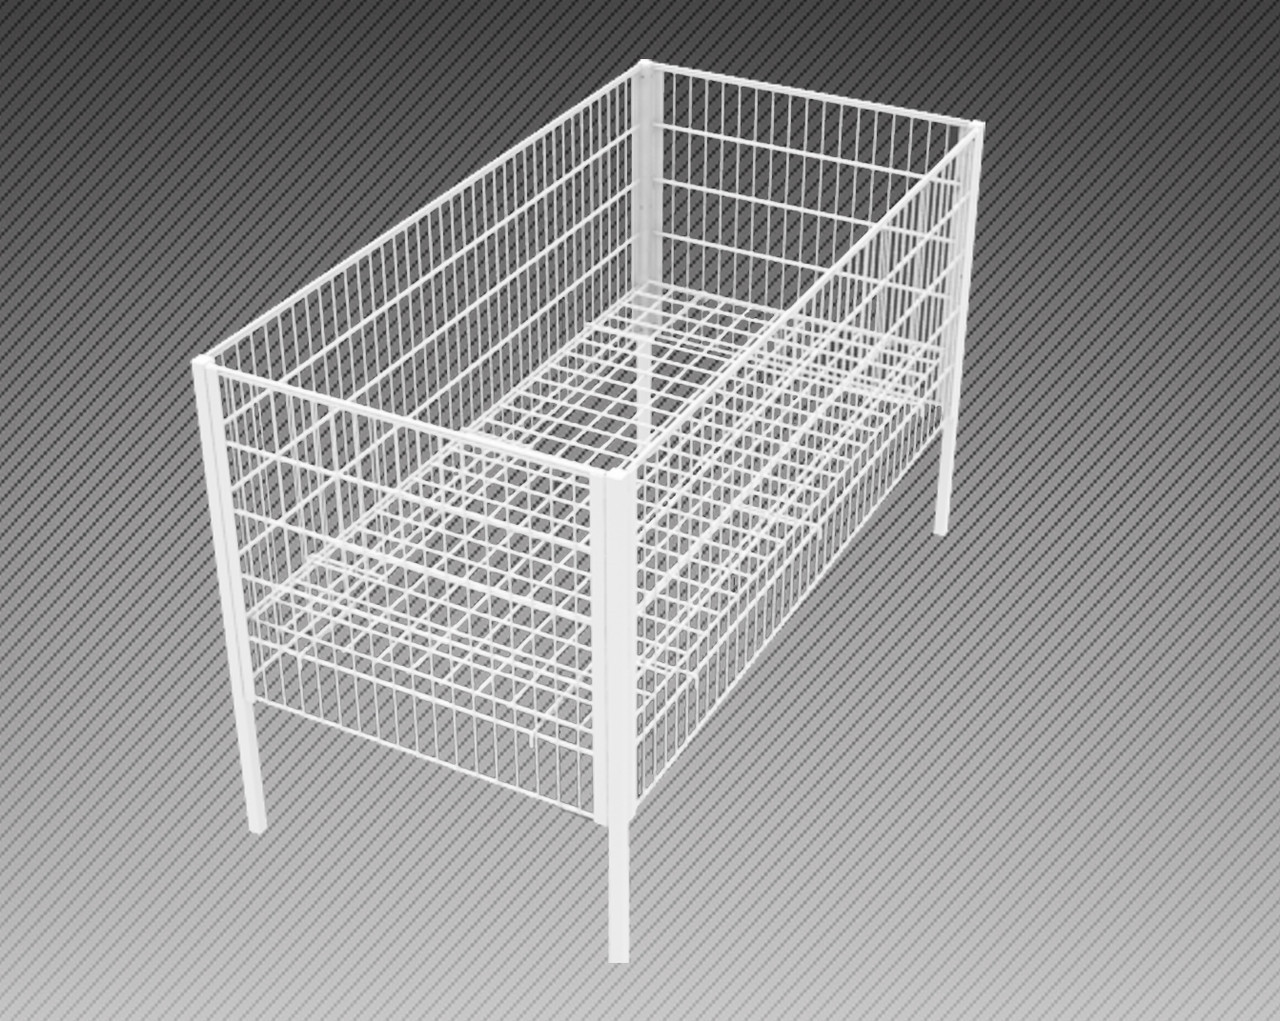 Стол для распродаж-накопитель c регулируемым дном усиленный (500х250х750 мм) крашенный арт. RS50/25